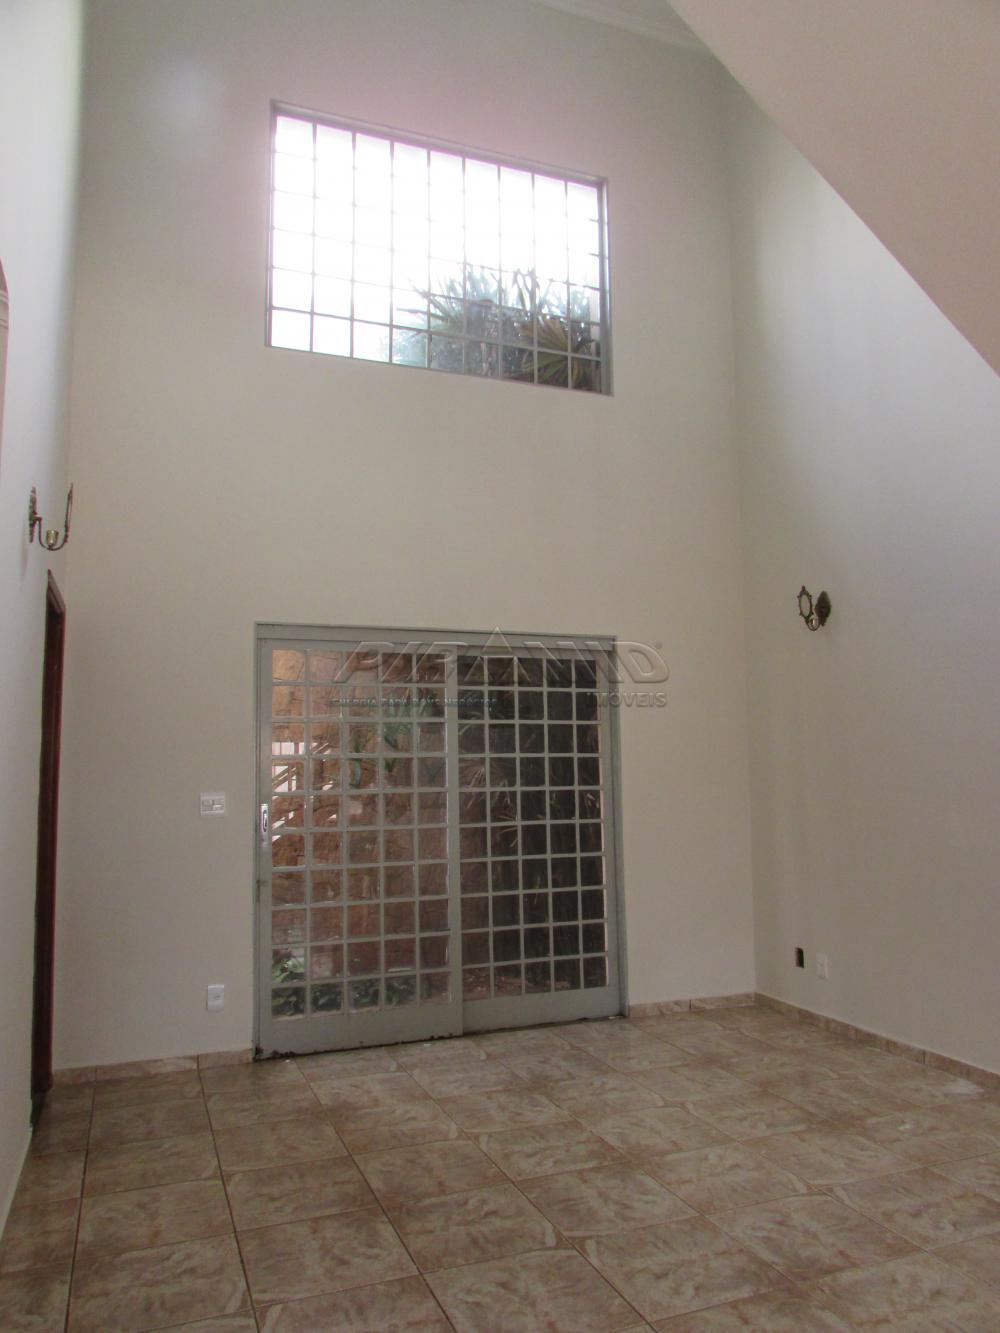 Alugar Casa / Padrão em Ribeirão Preto apenas R$ 3.000,00 - Foto 11